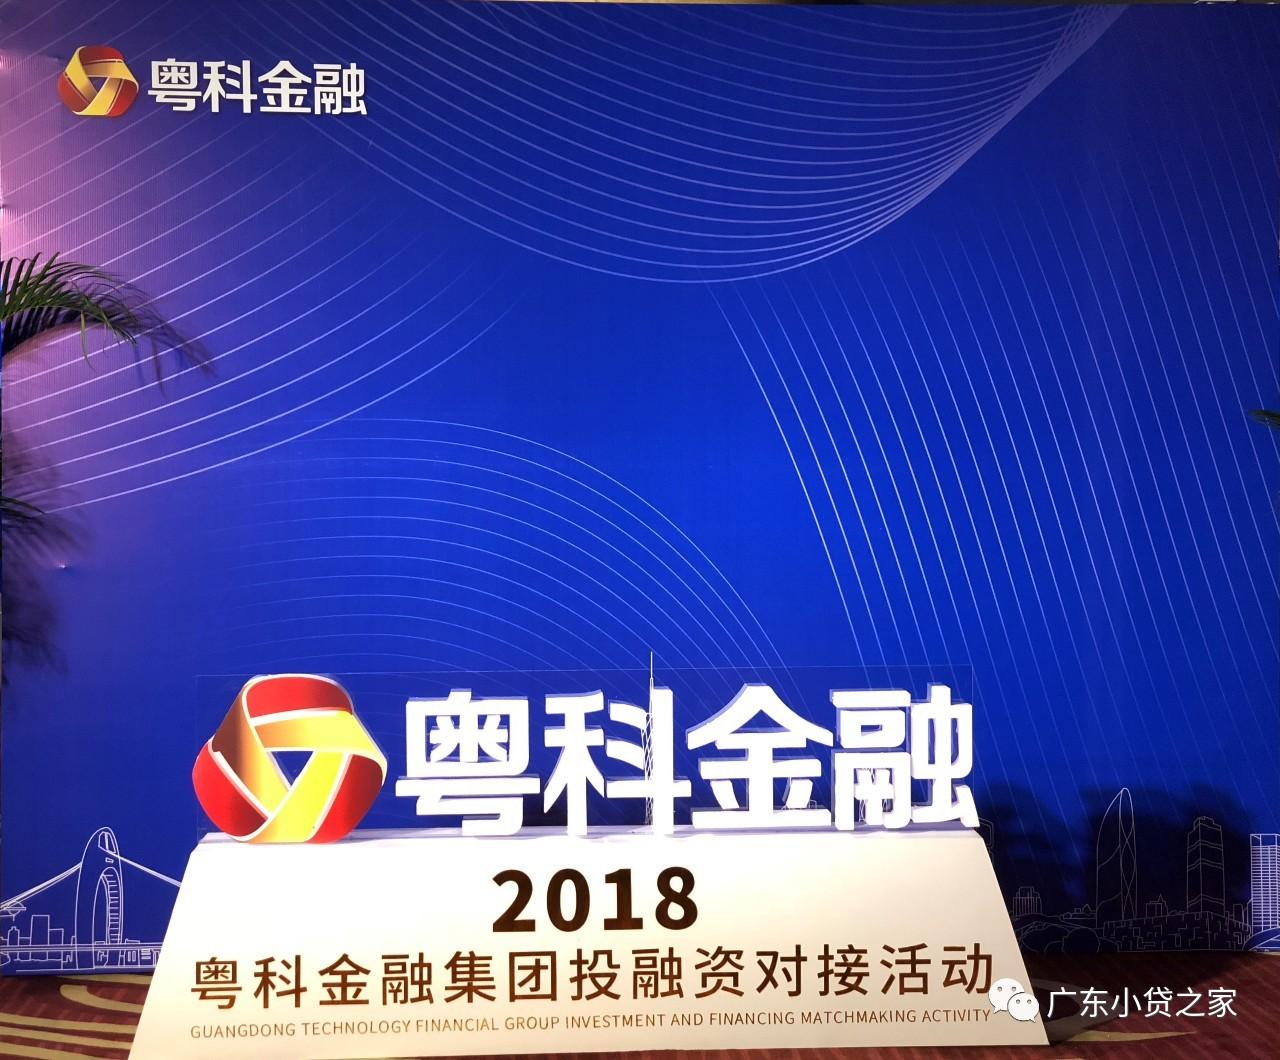 省小贷协会应邀出席2018年粤科金融集团投融资对接活动